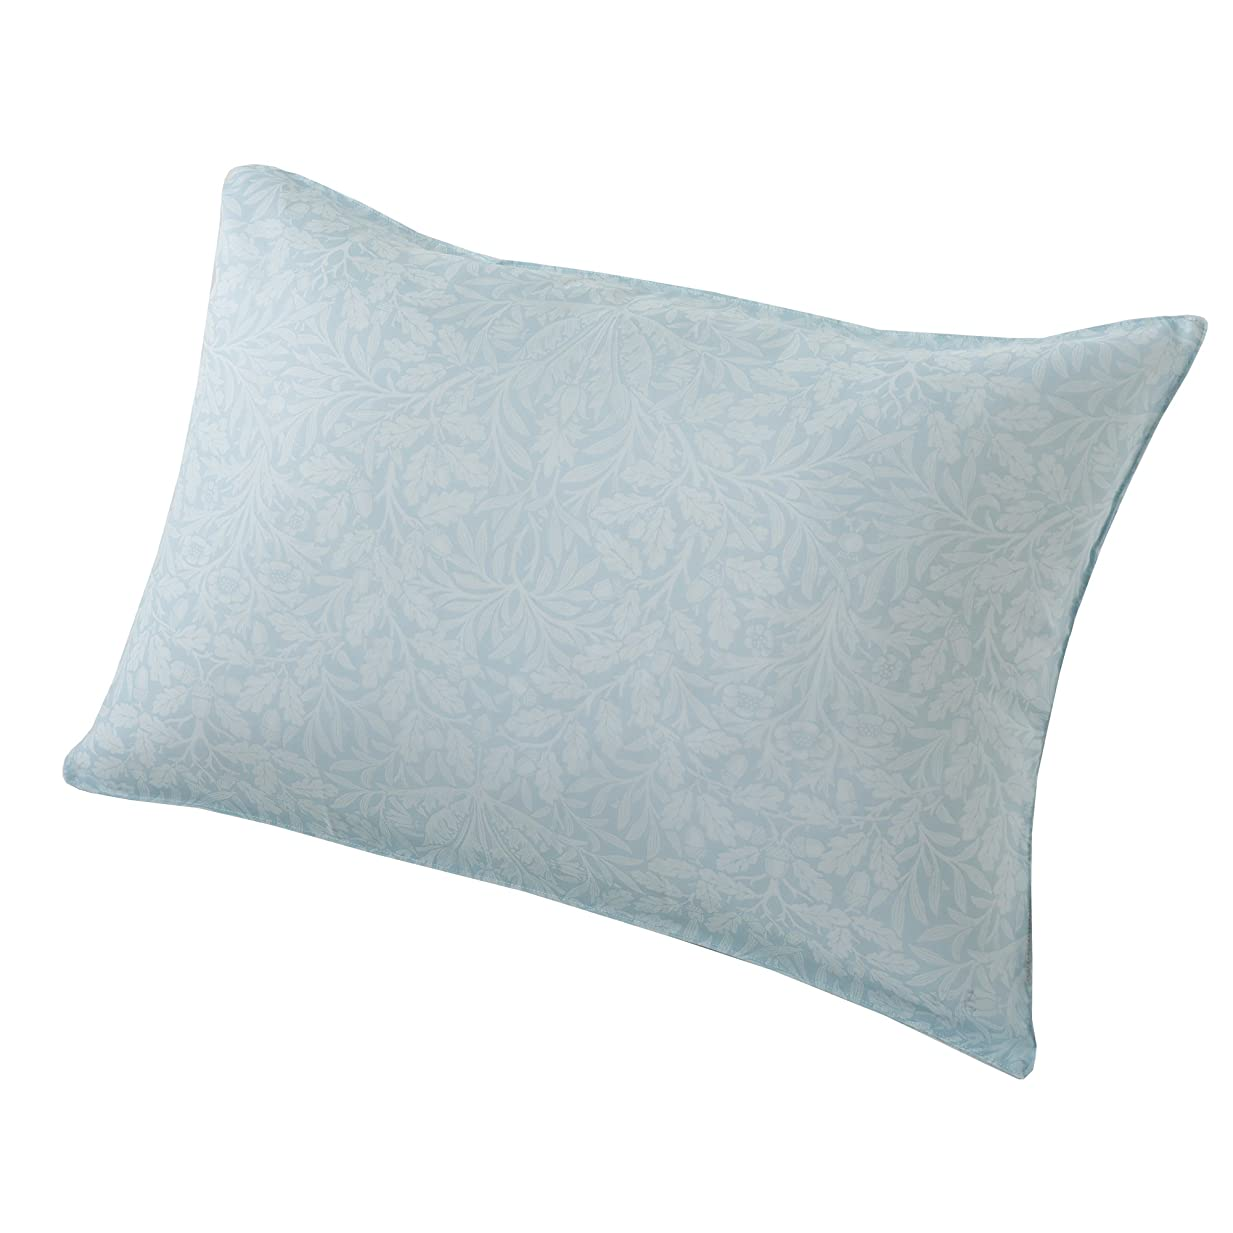 販売員先史時代のお尻東京西川 枕カバー ブルー 63X43cmのサイズの枕に対応 ワイドサイズ ピュアモリス エイコーン柄 日本製 PJ98309683B